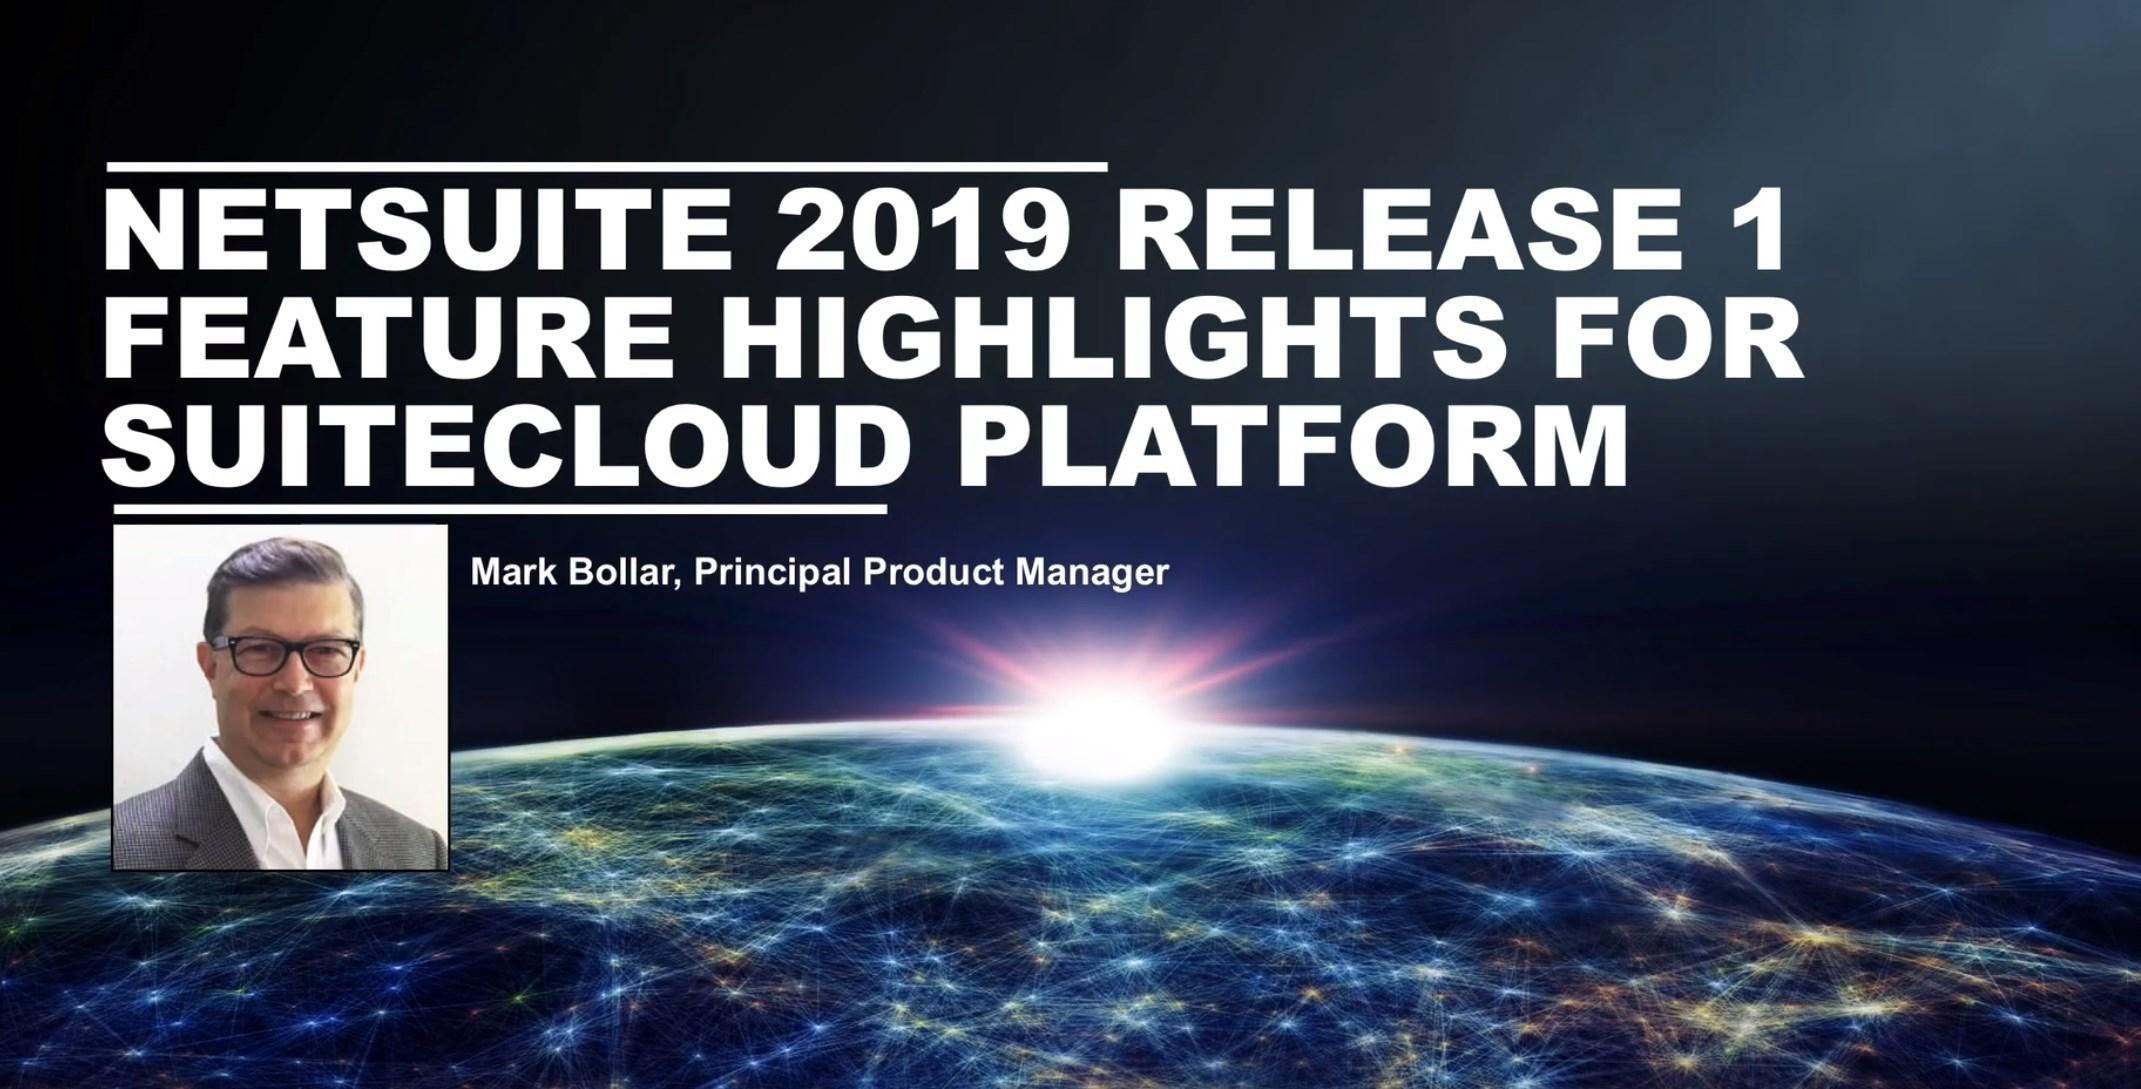 ns-20191-suitecloud-platform